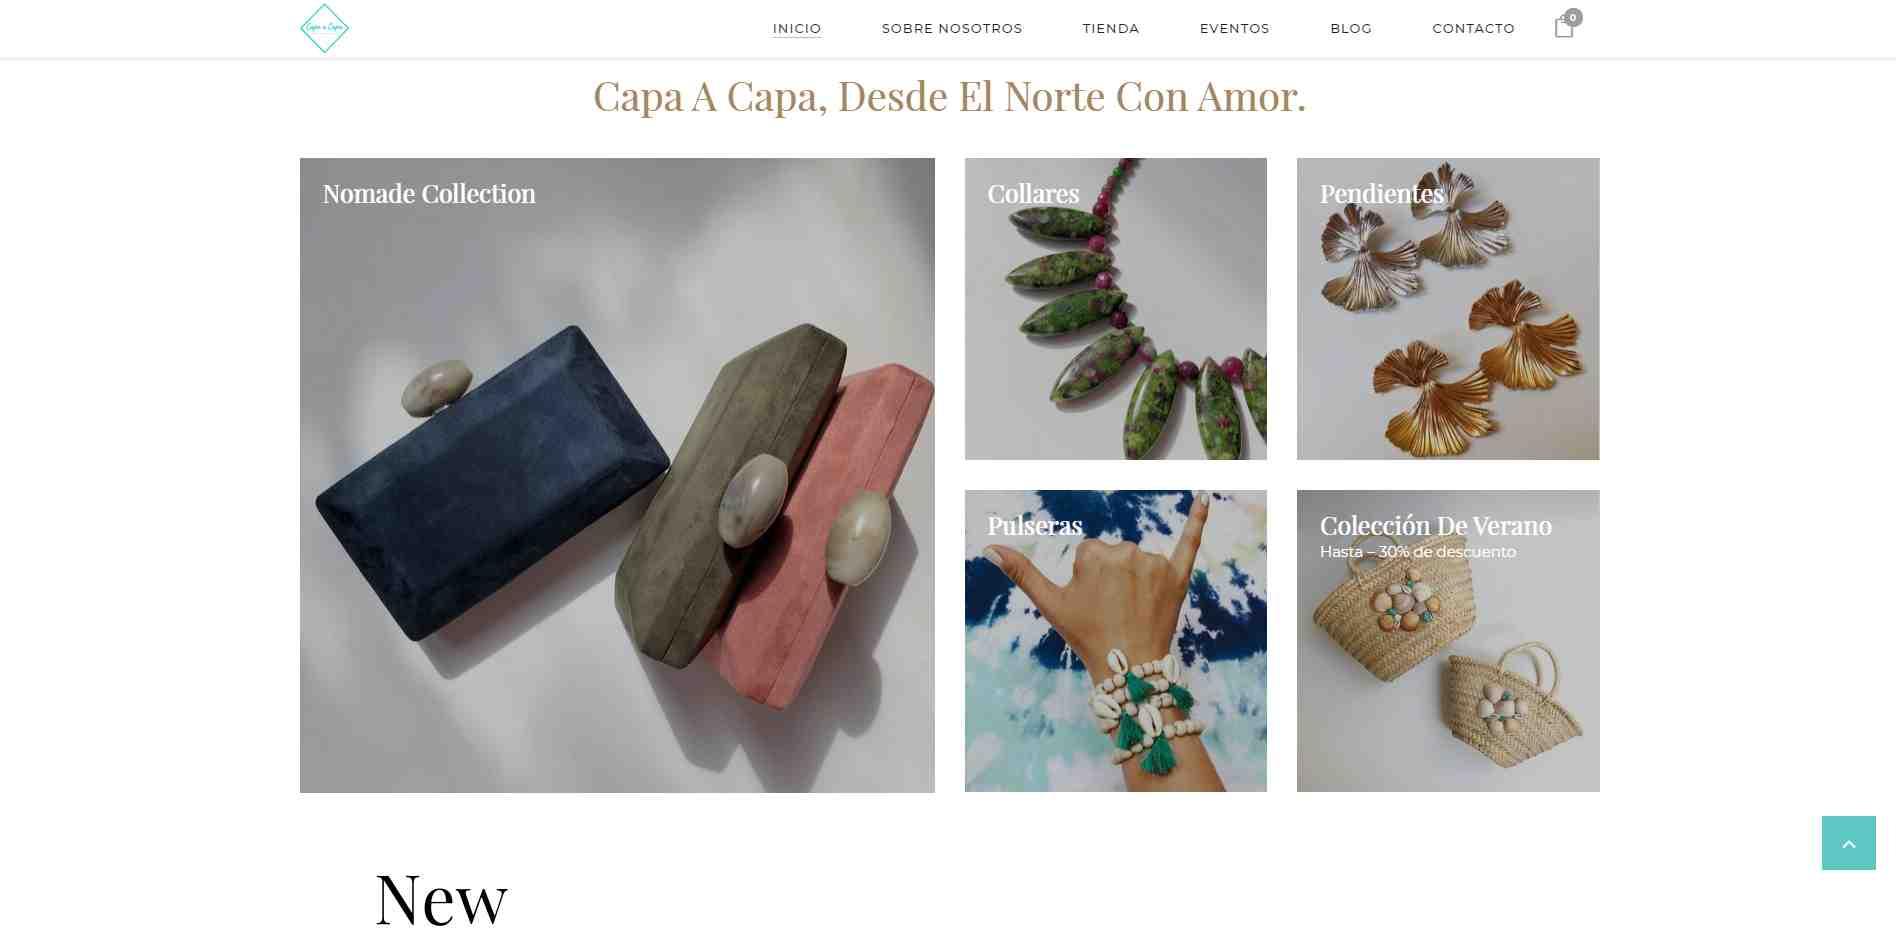 Web de Capa a Capa versión escritorio